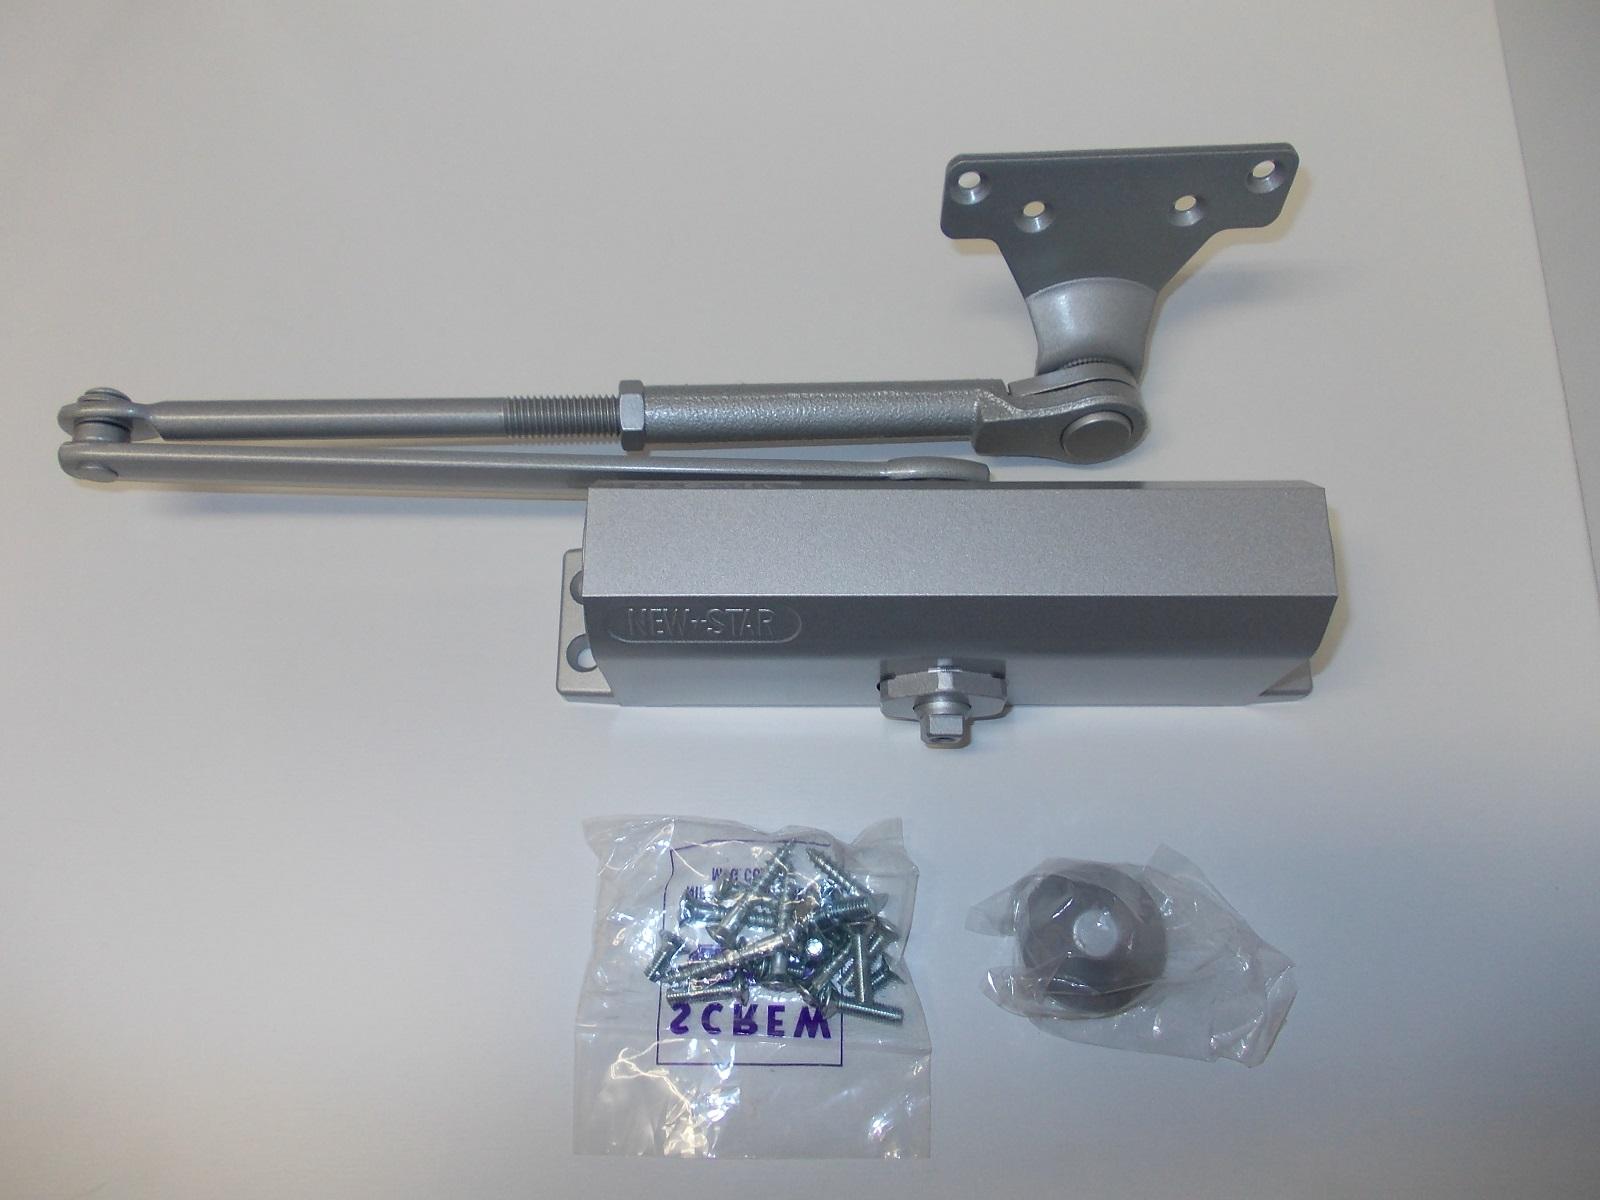 機能性を重視した超ロングセラーのオーソドックスタイプ 買物 NEWSTAR ニュースター ドアクローザ セール パラレル型 P182 ストップ付き